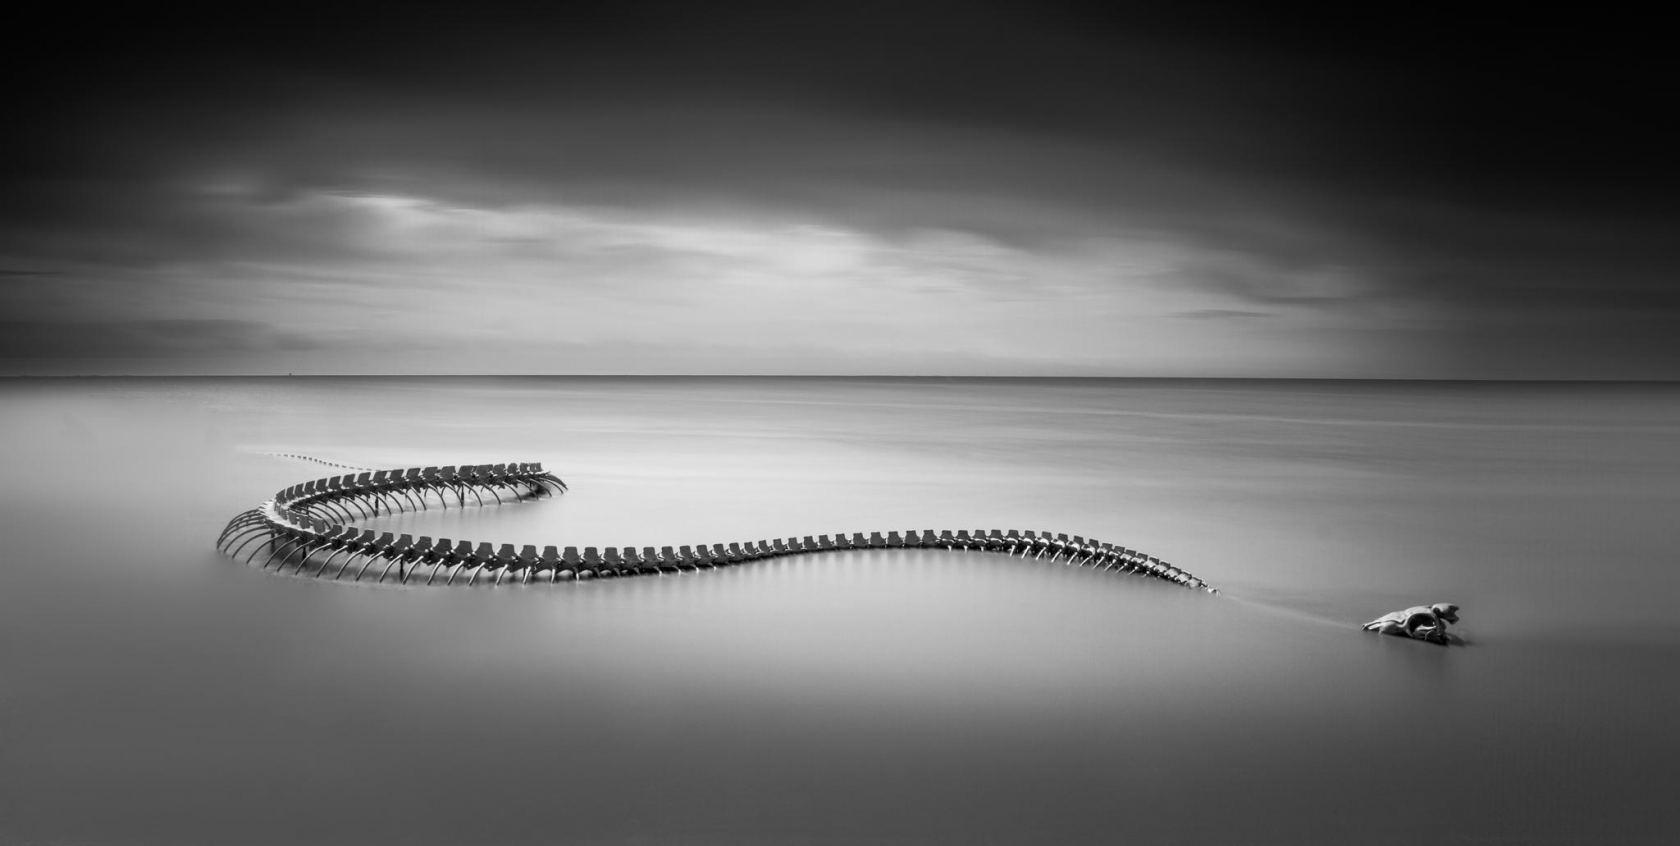 Squelette du serpent géant de l'estuaire de la Loire